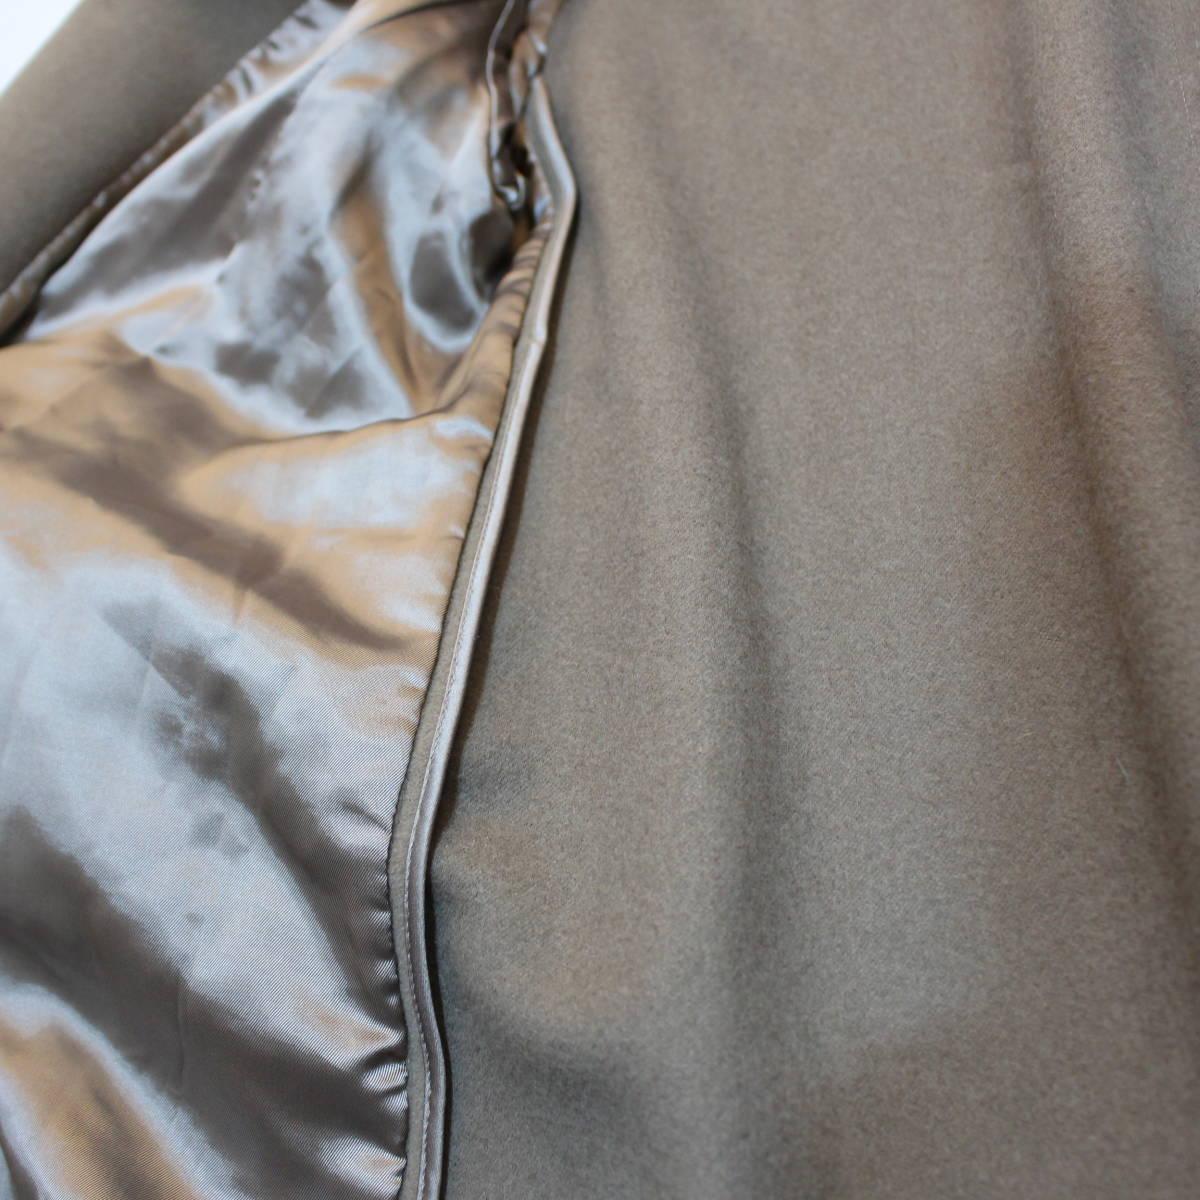 MAX MARA WHITE TAG ANGORA BREND WOOL SHAWL COLLAR OVER COATマックスマーラ白タグアンゴラ混ショールカラーオーバーコート_画像8